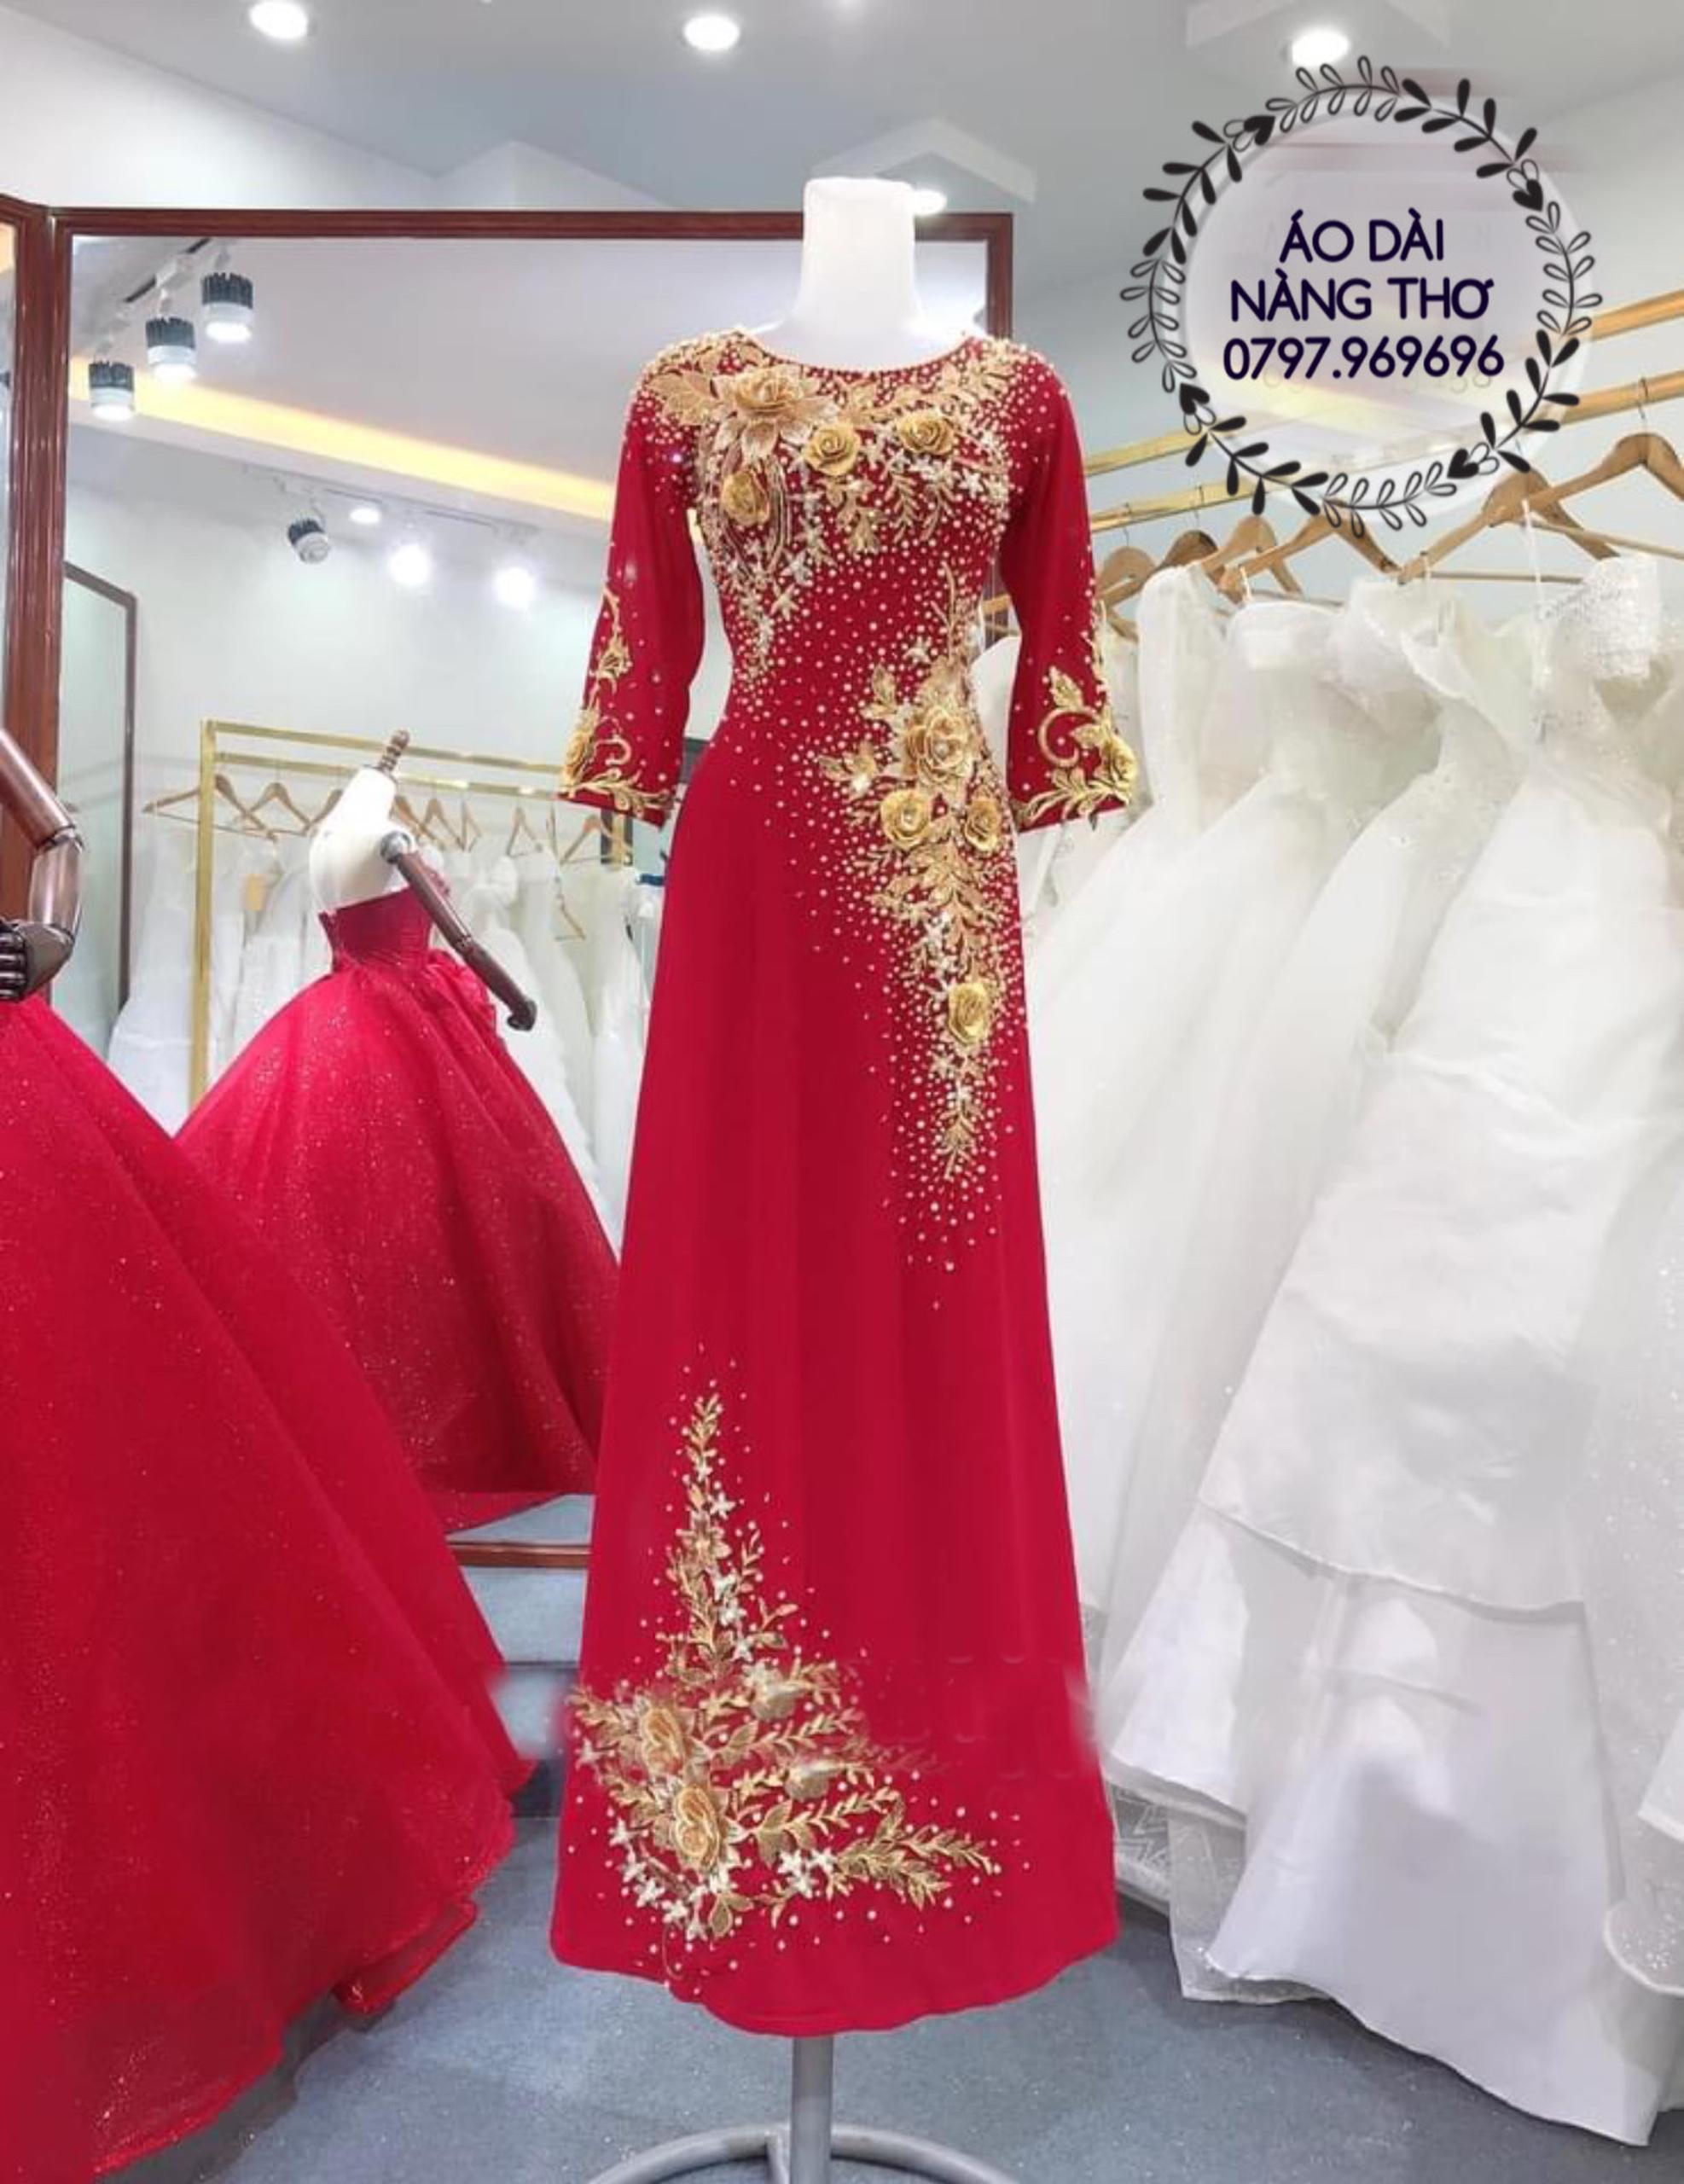 Áo Dài Bà Sui Ren Lưới Màu Đỏ Kết Hạt Pha Lê Cao Cấp